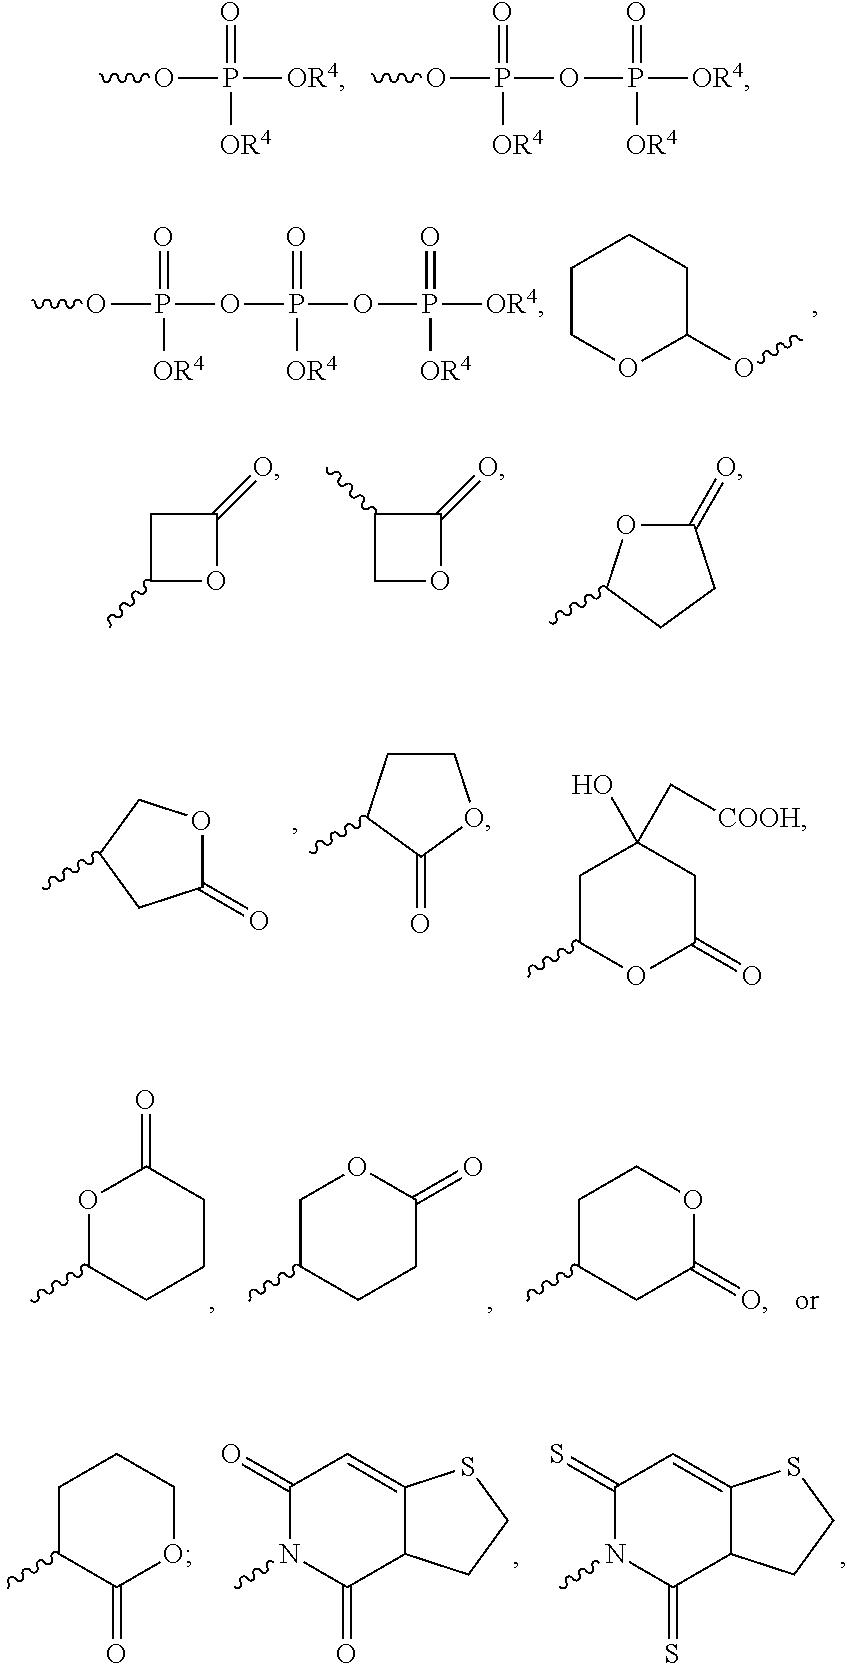 Figure US09662307-20170530-C00036